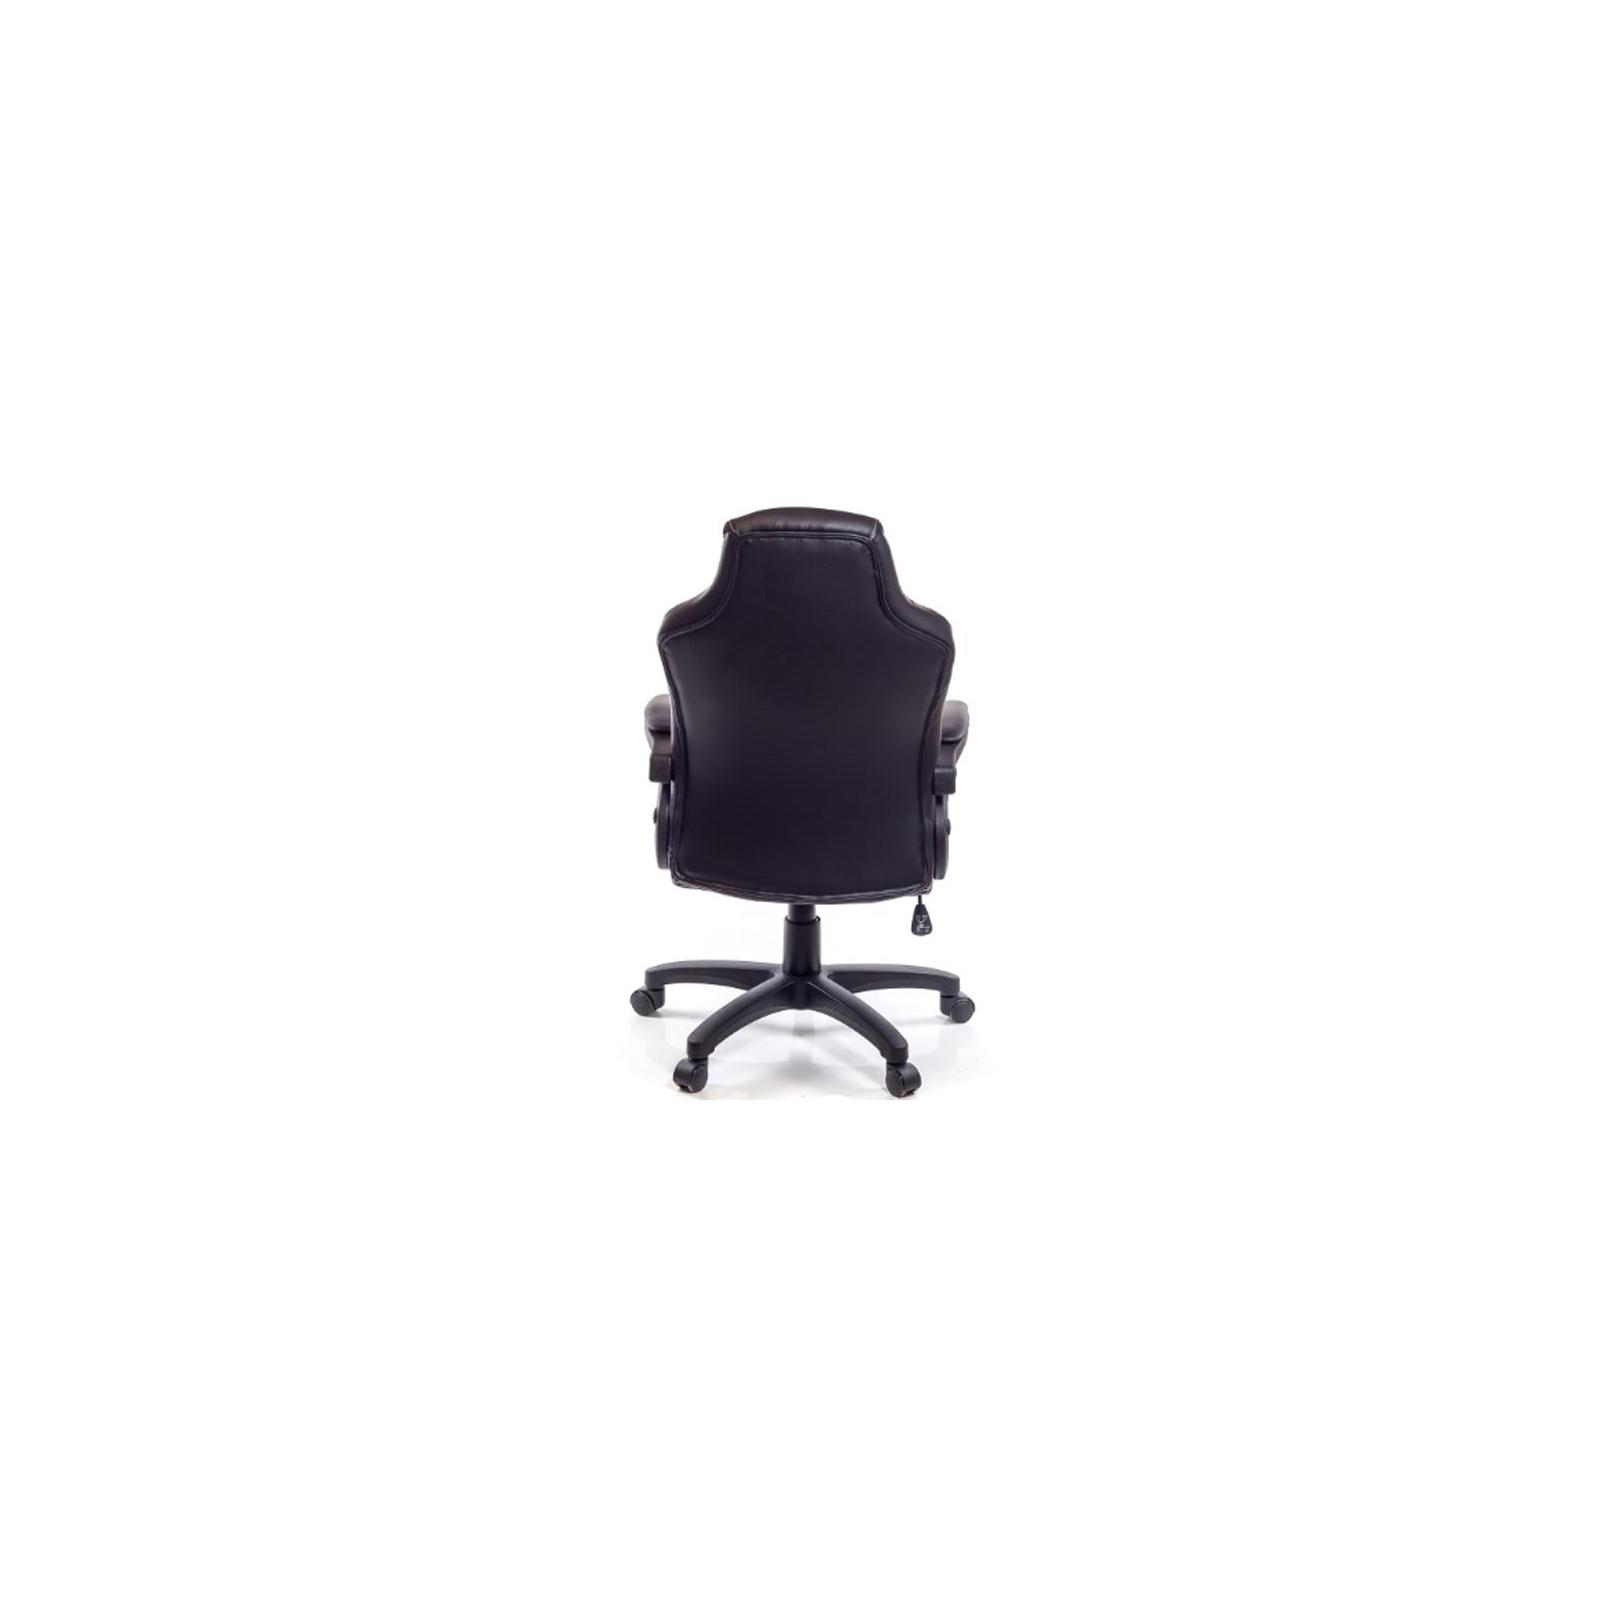 Кресло игровое АКЛАС Астон PL TILT Черное (07291) изображение 4